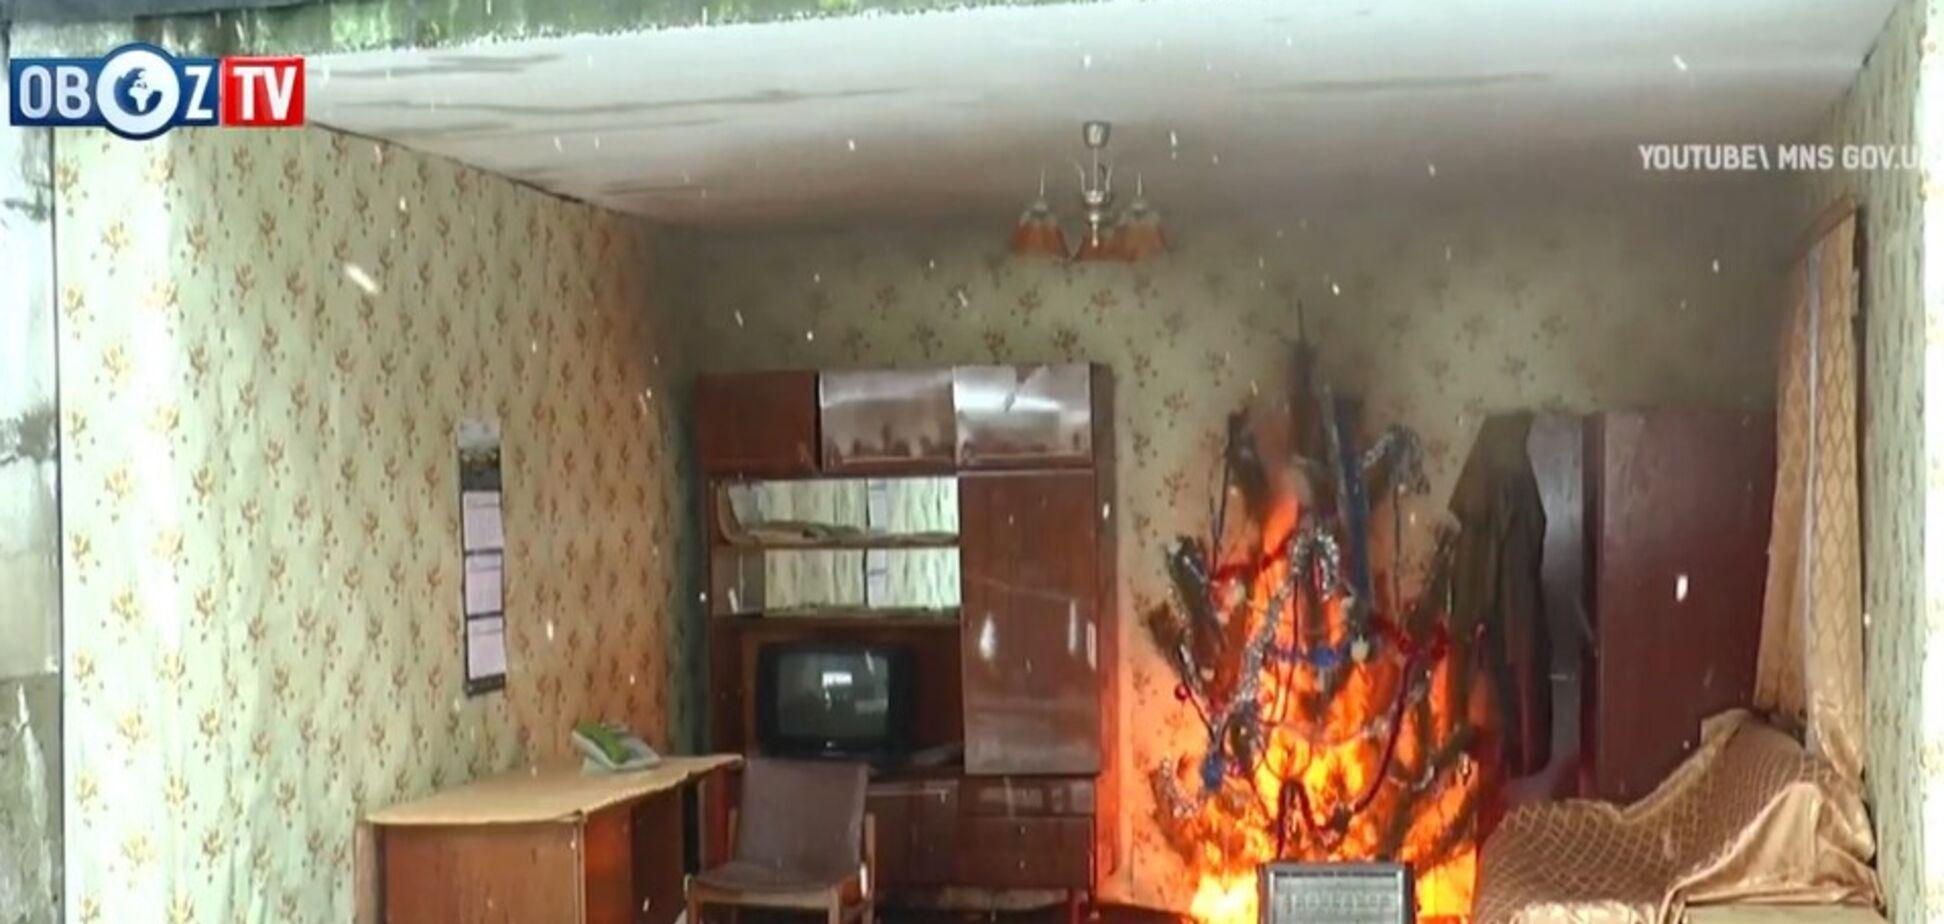 Небезпечні гірлянди: українцям розповіли, як не спалити квартиру на Новий рік